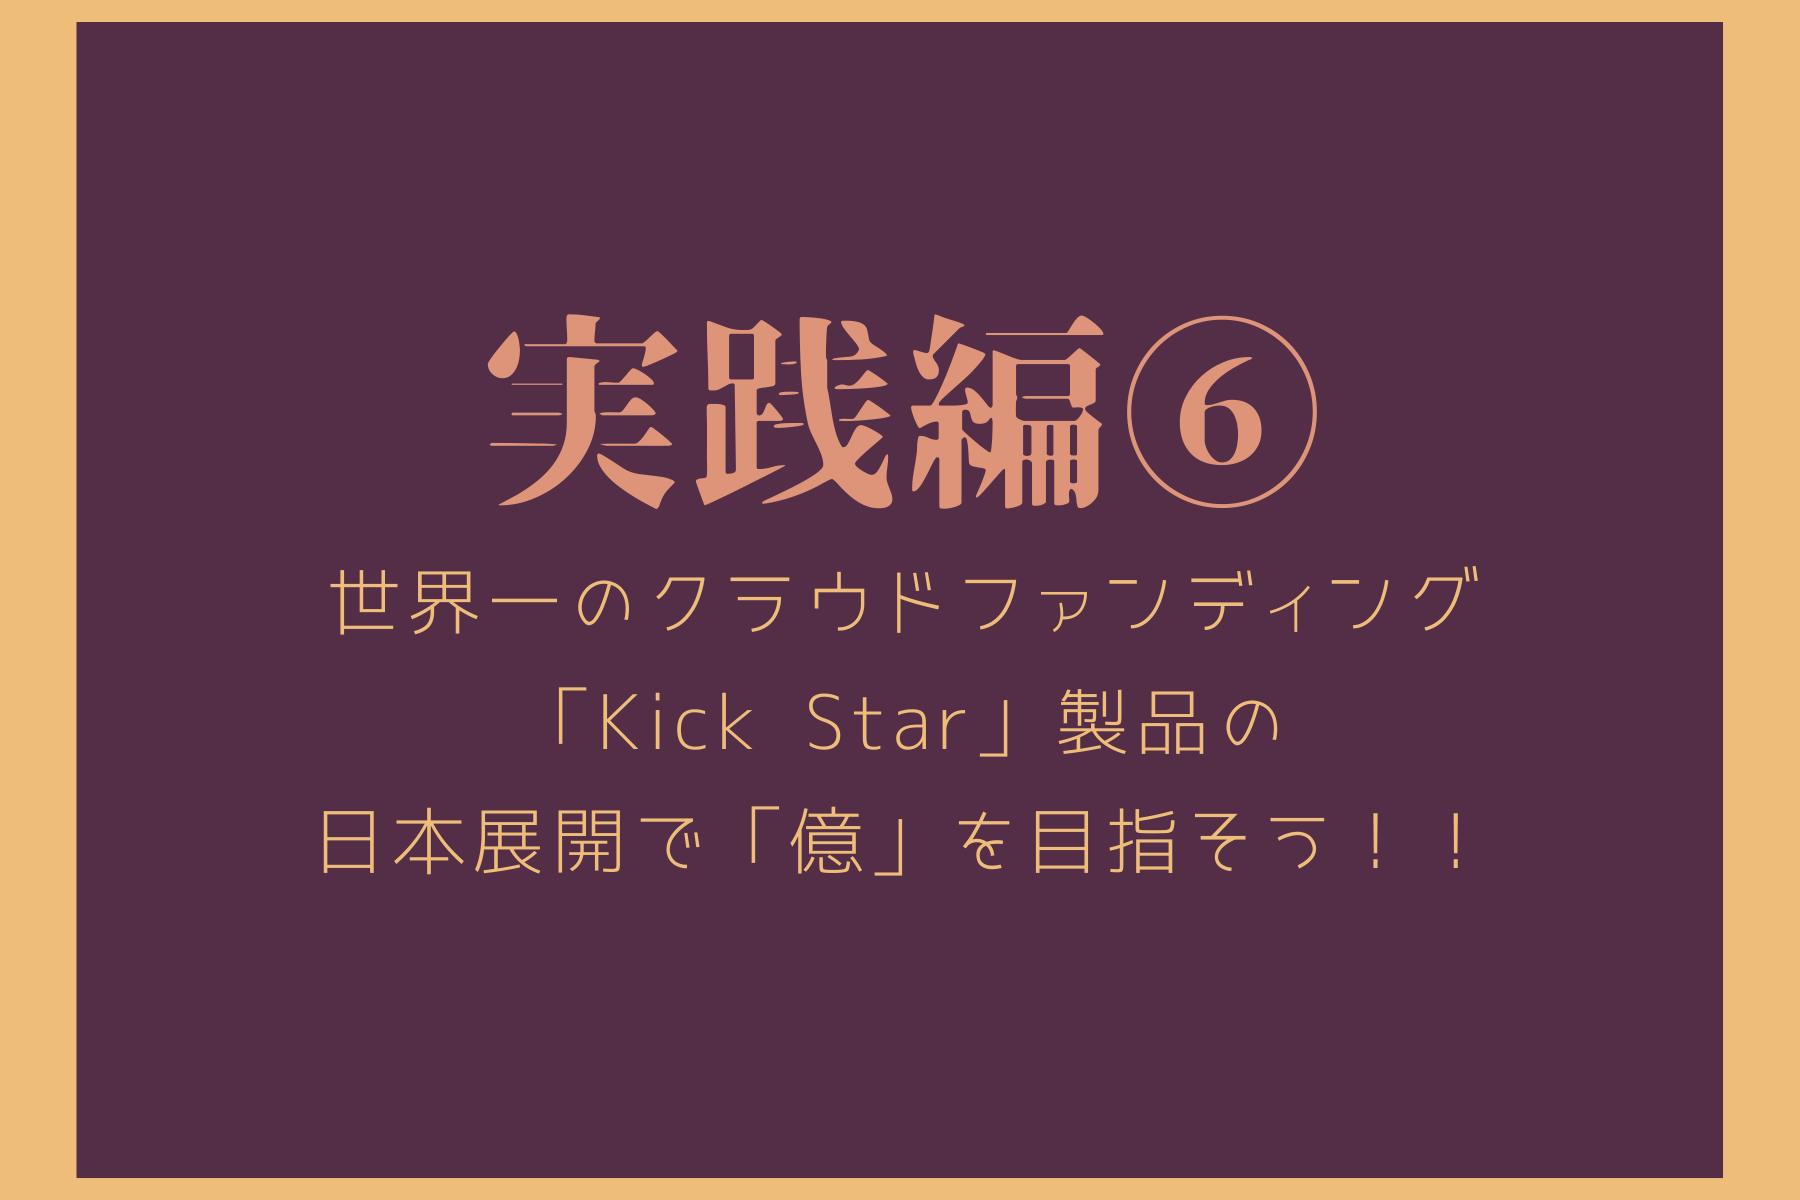 実践編⑥ 海外クラウドファンディングの王者「Kick Starter」商品で「億」を売上げてみませんか?